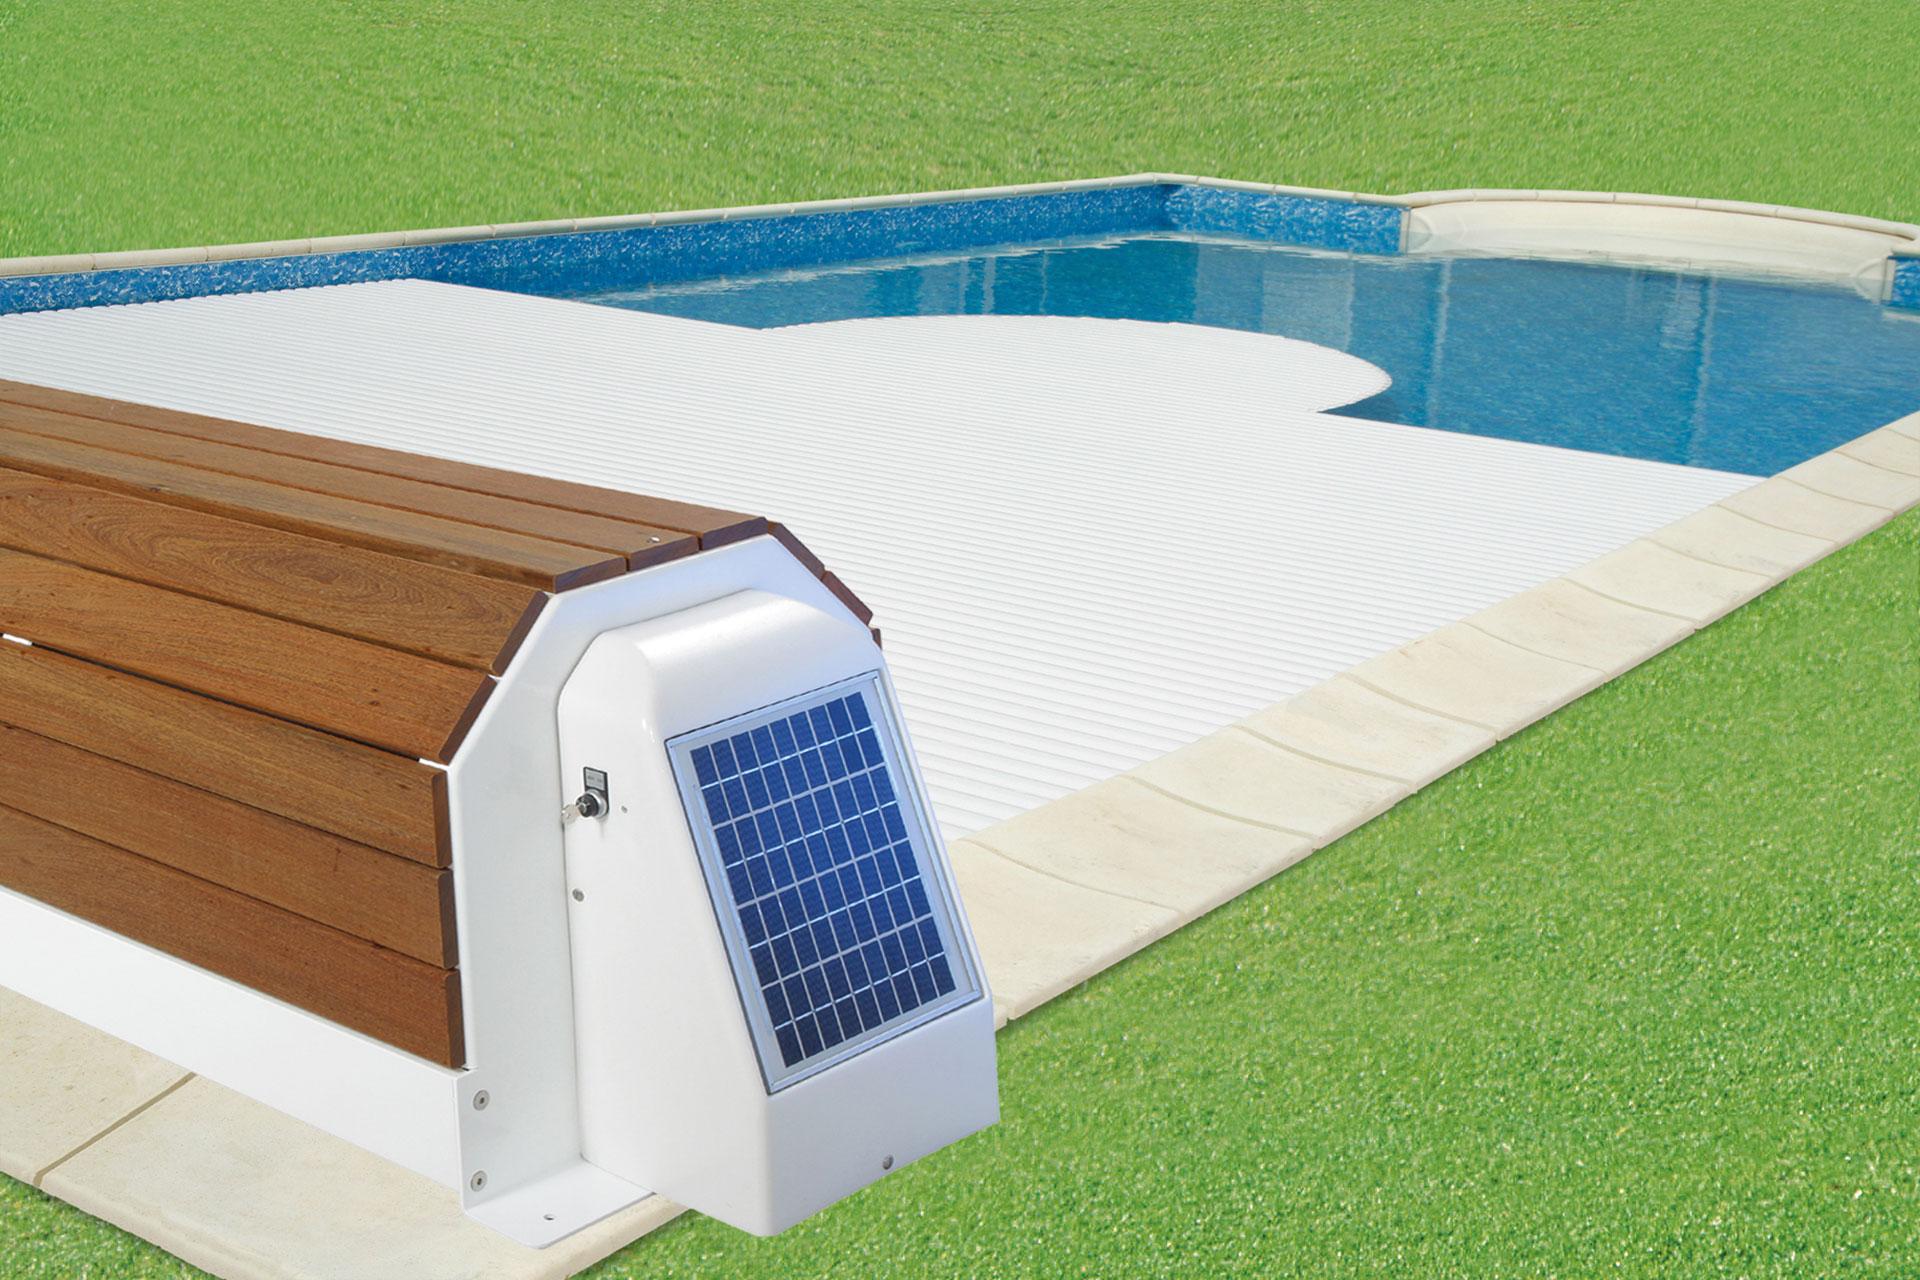 Comment Monter Une Piscine Hors Sol comment installer un volet de piscine soi-même - aquapolis